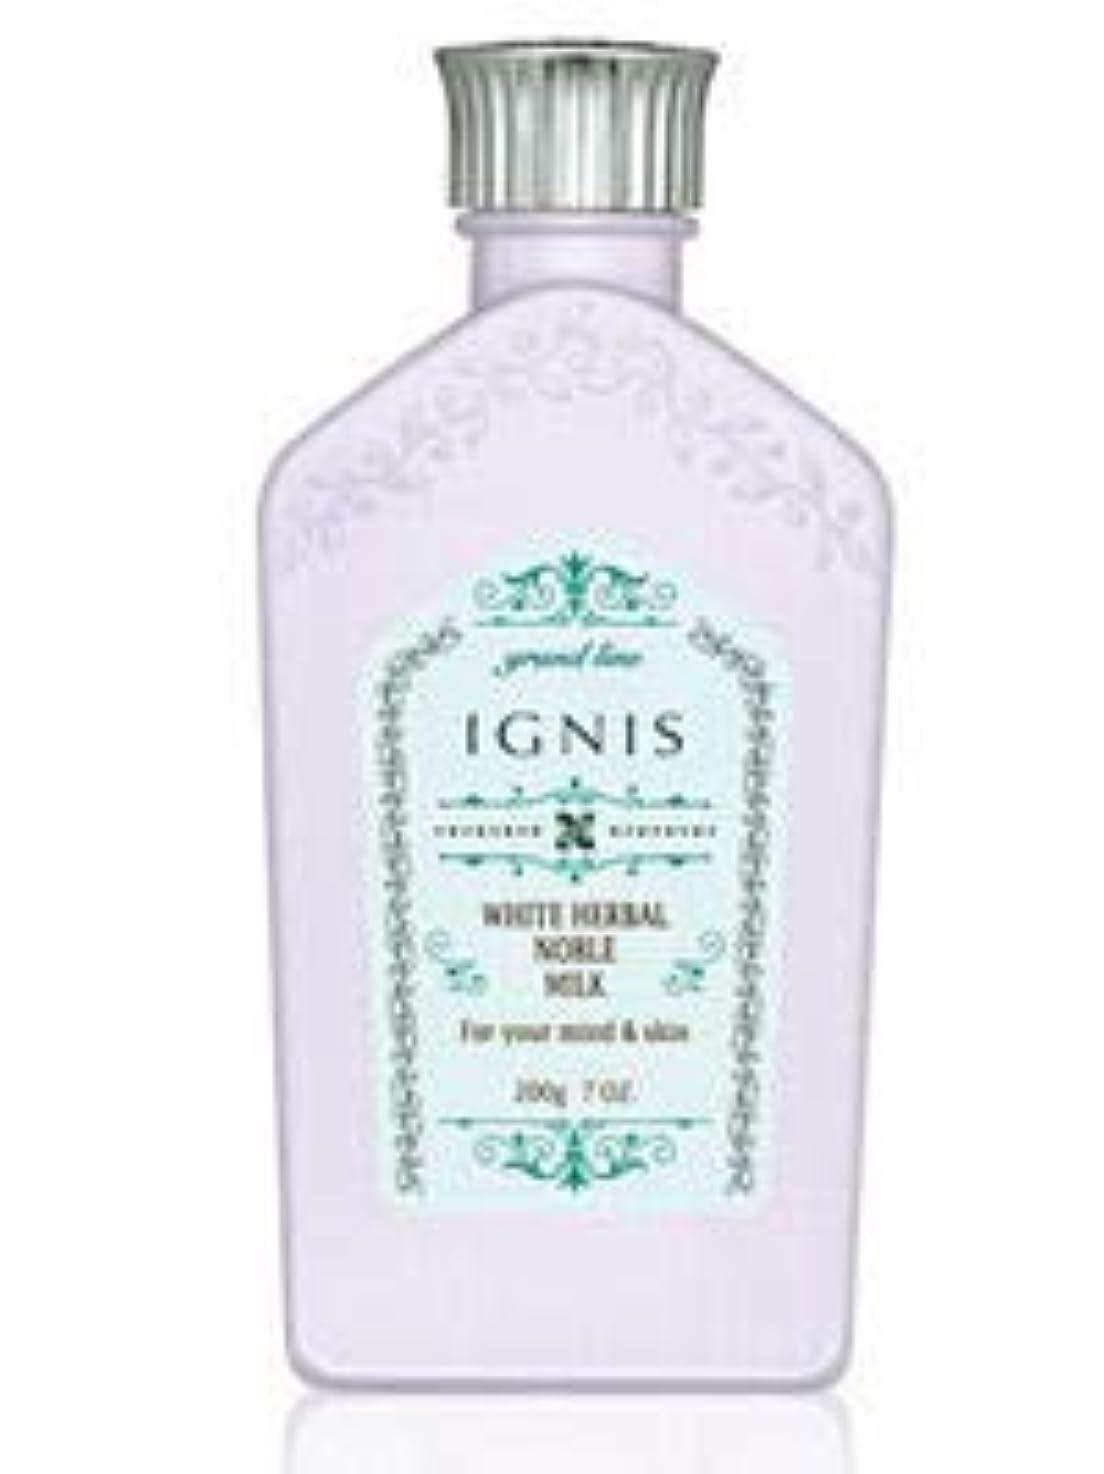 実験的尋ねる発表するイグニス ホワイトハーバル ノーブル ミルク 200g -IGNIS-